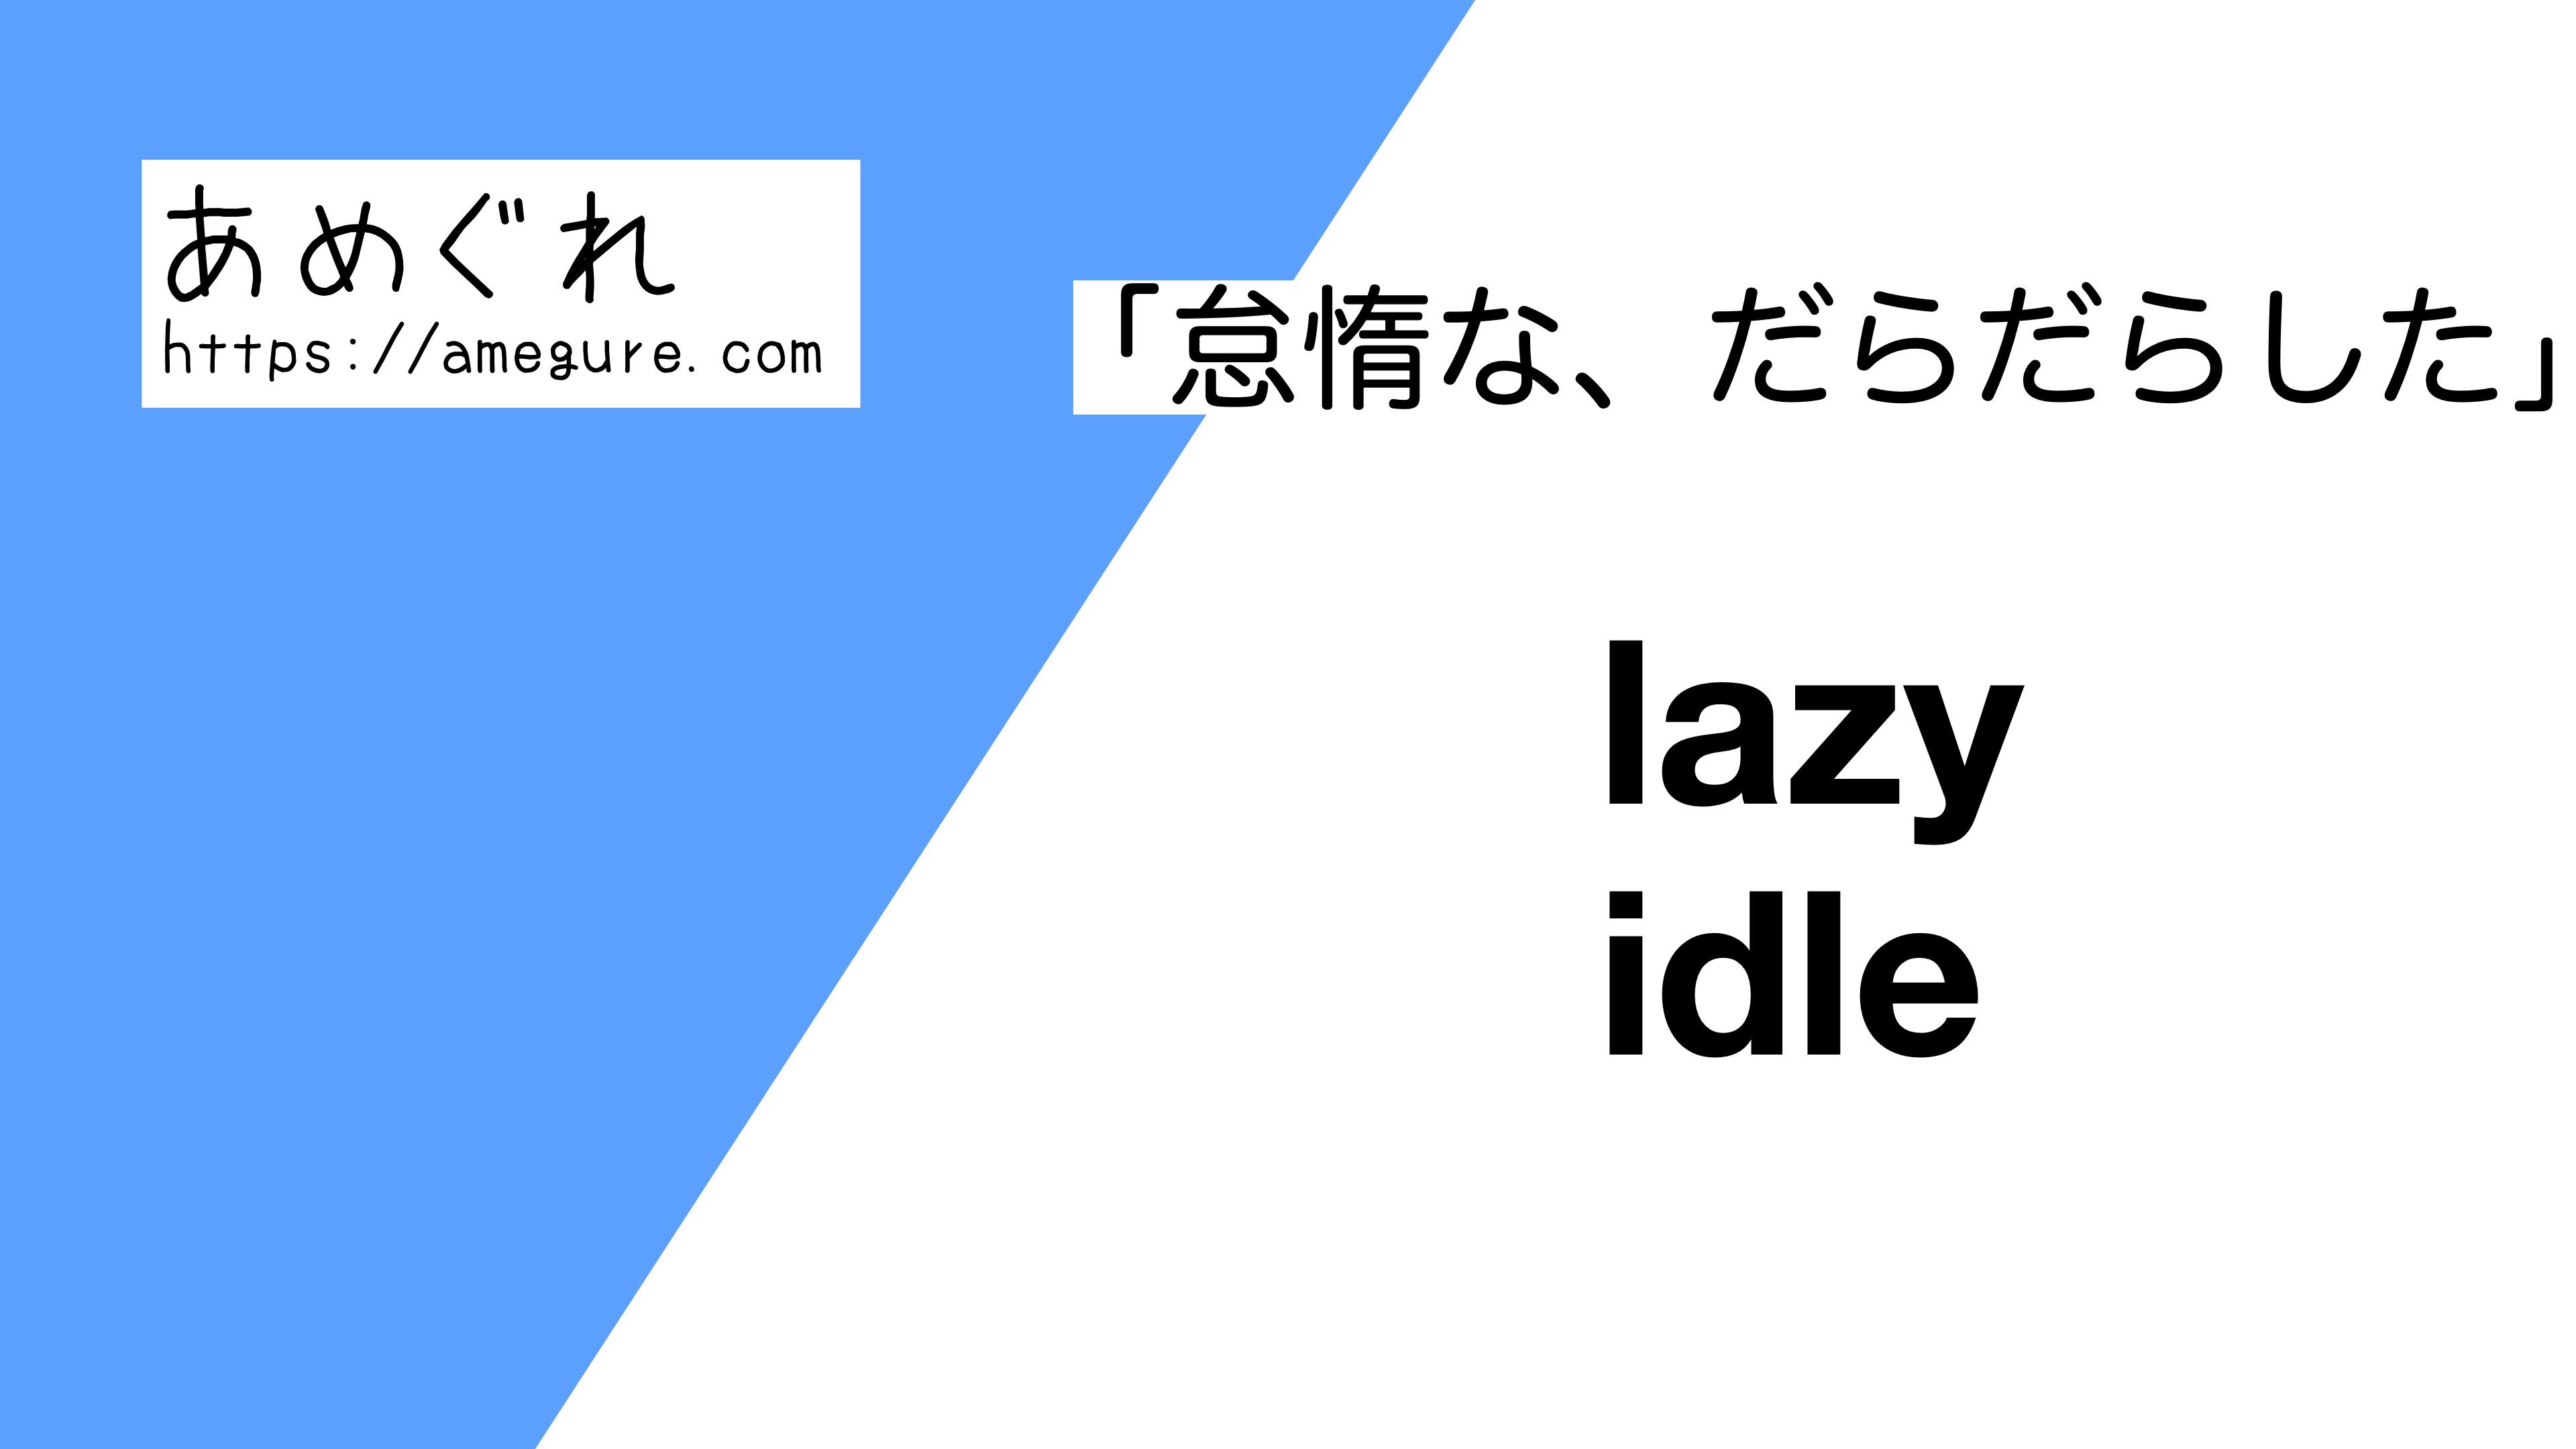 lazy-idle違い